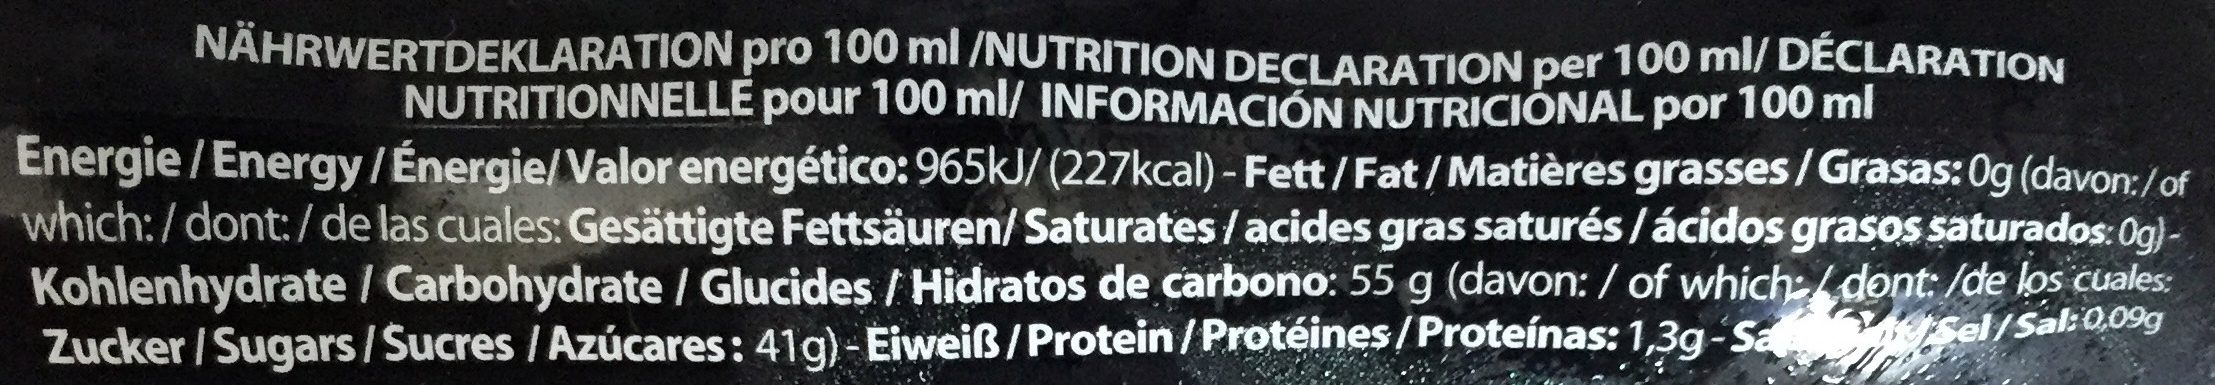 Glassa all'aceto balsamico di Modena I.G.P. - Nutrition facts - en